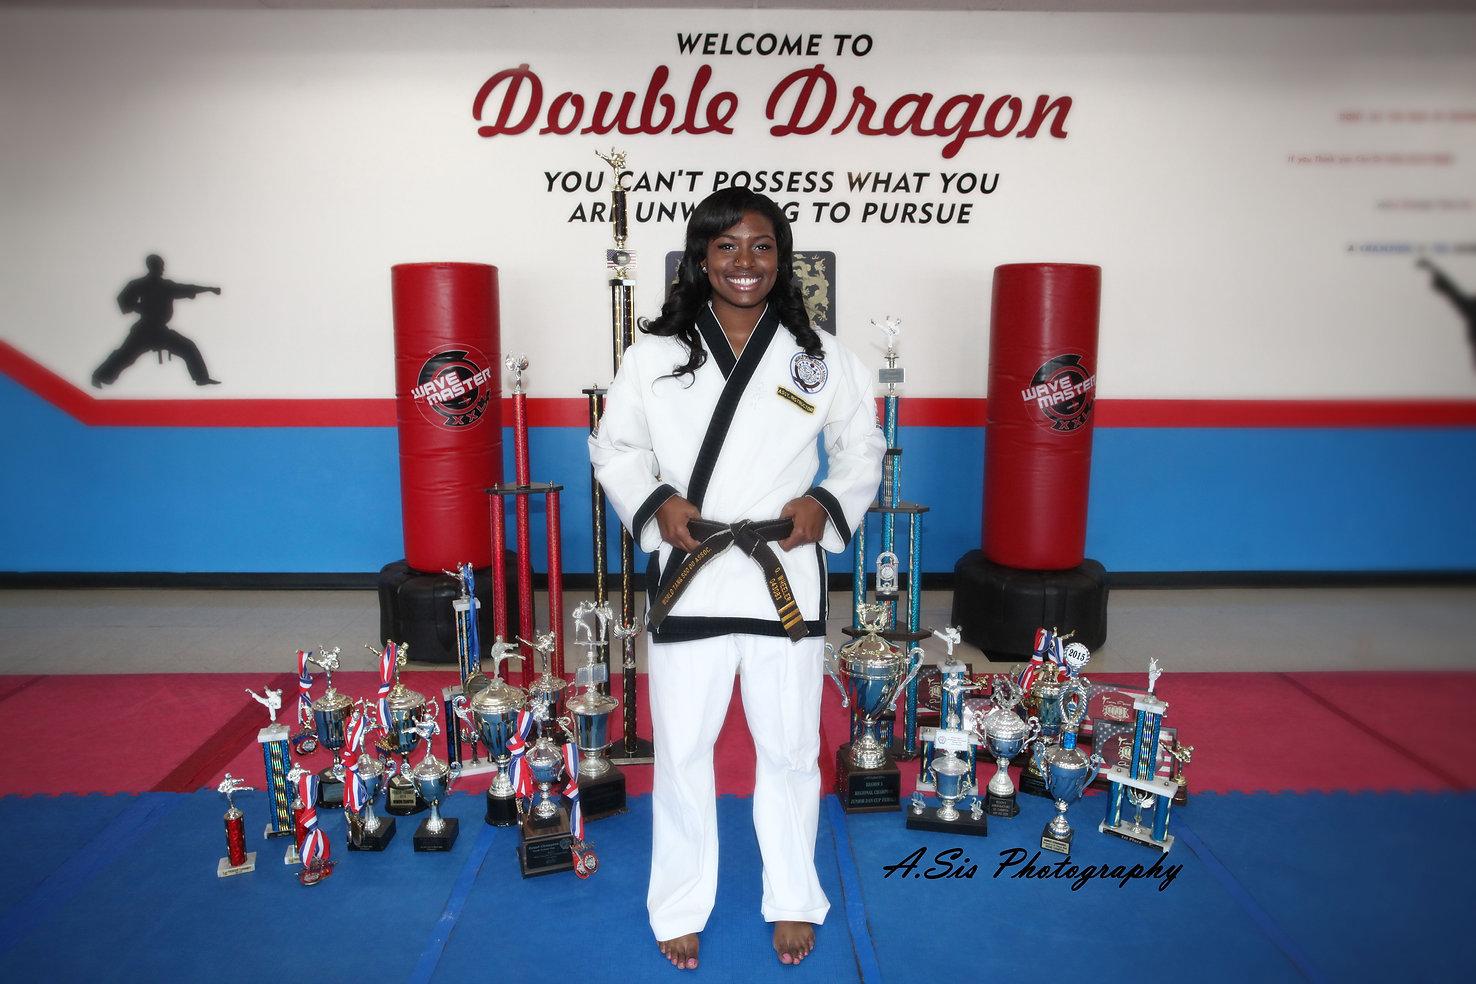 Quiara Karate photos 1.jpeg